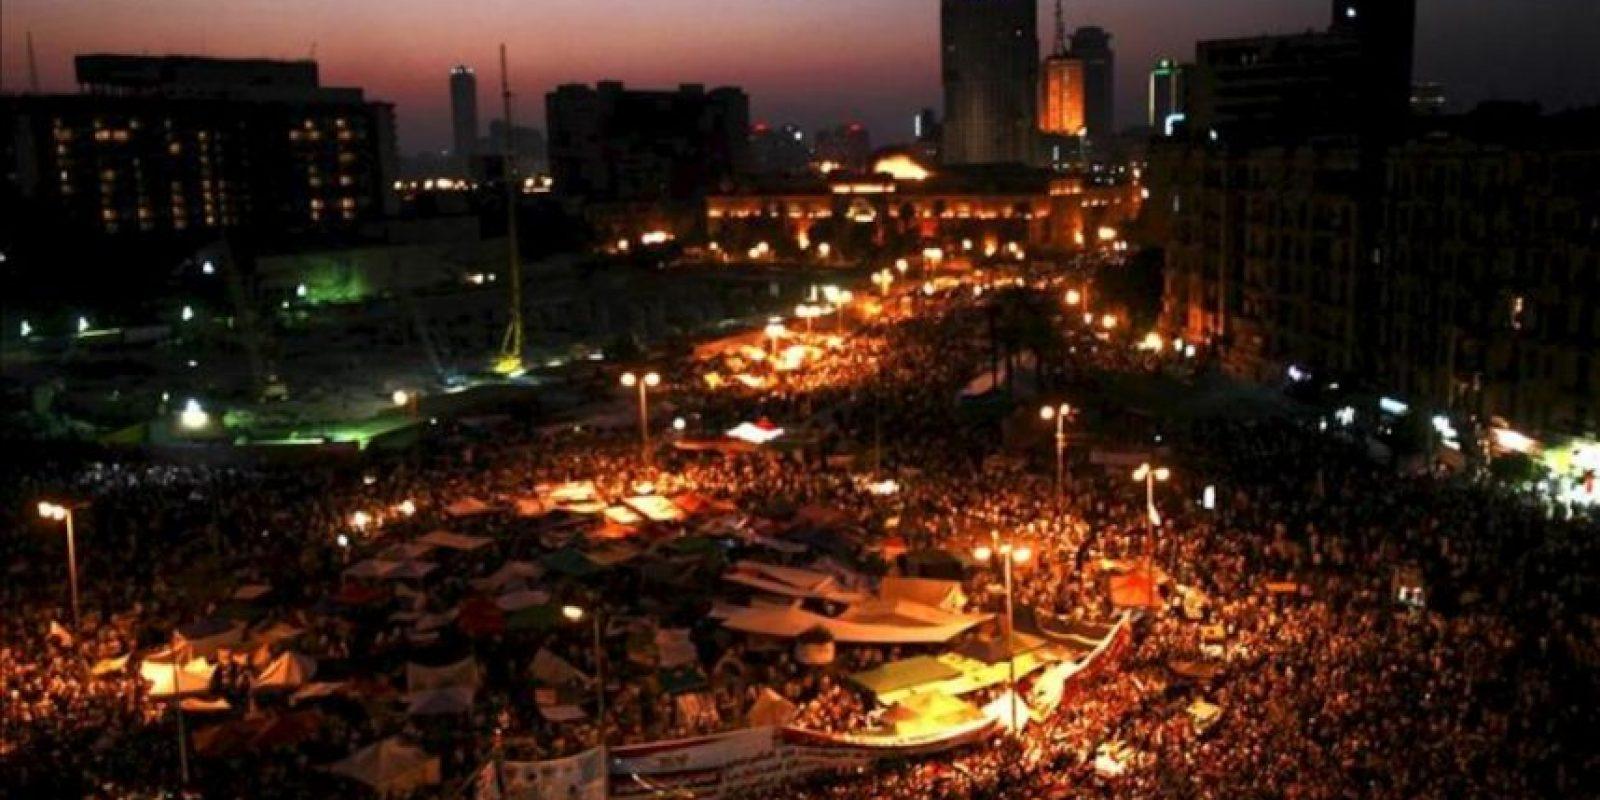 Manifestantes egipcios durante una protesta contra la Junta Militar, hoy viernes 22 de junio de 2012 en El Cairo, Egipto.EFE